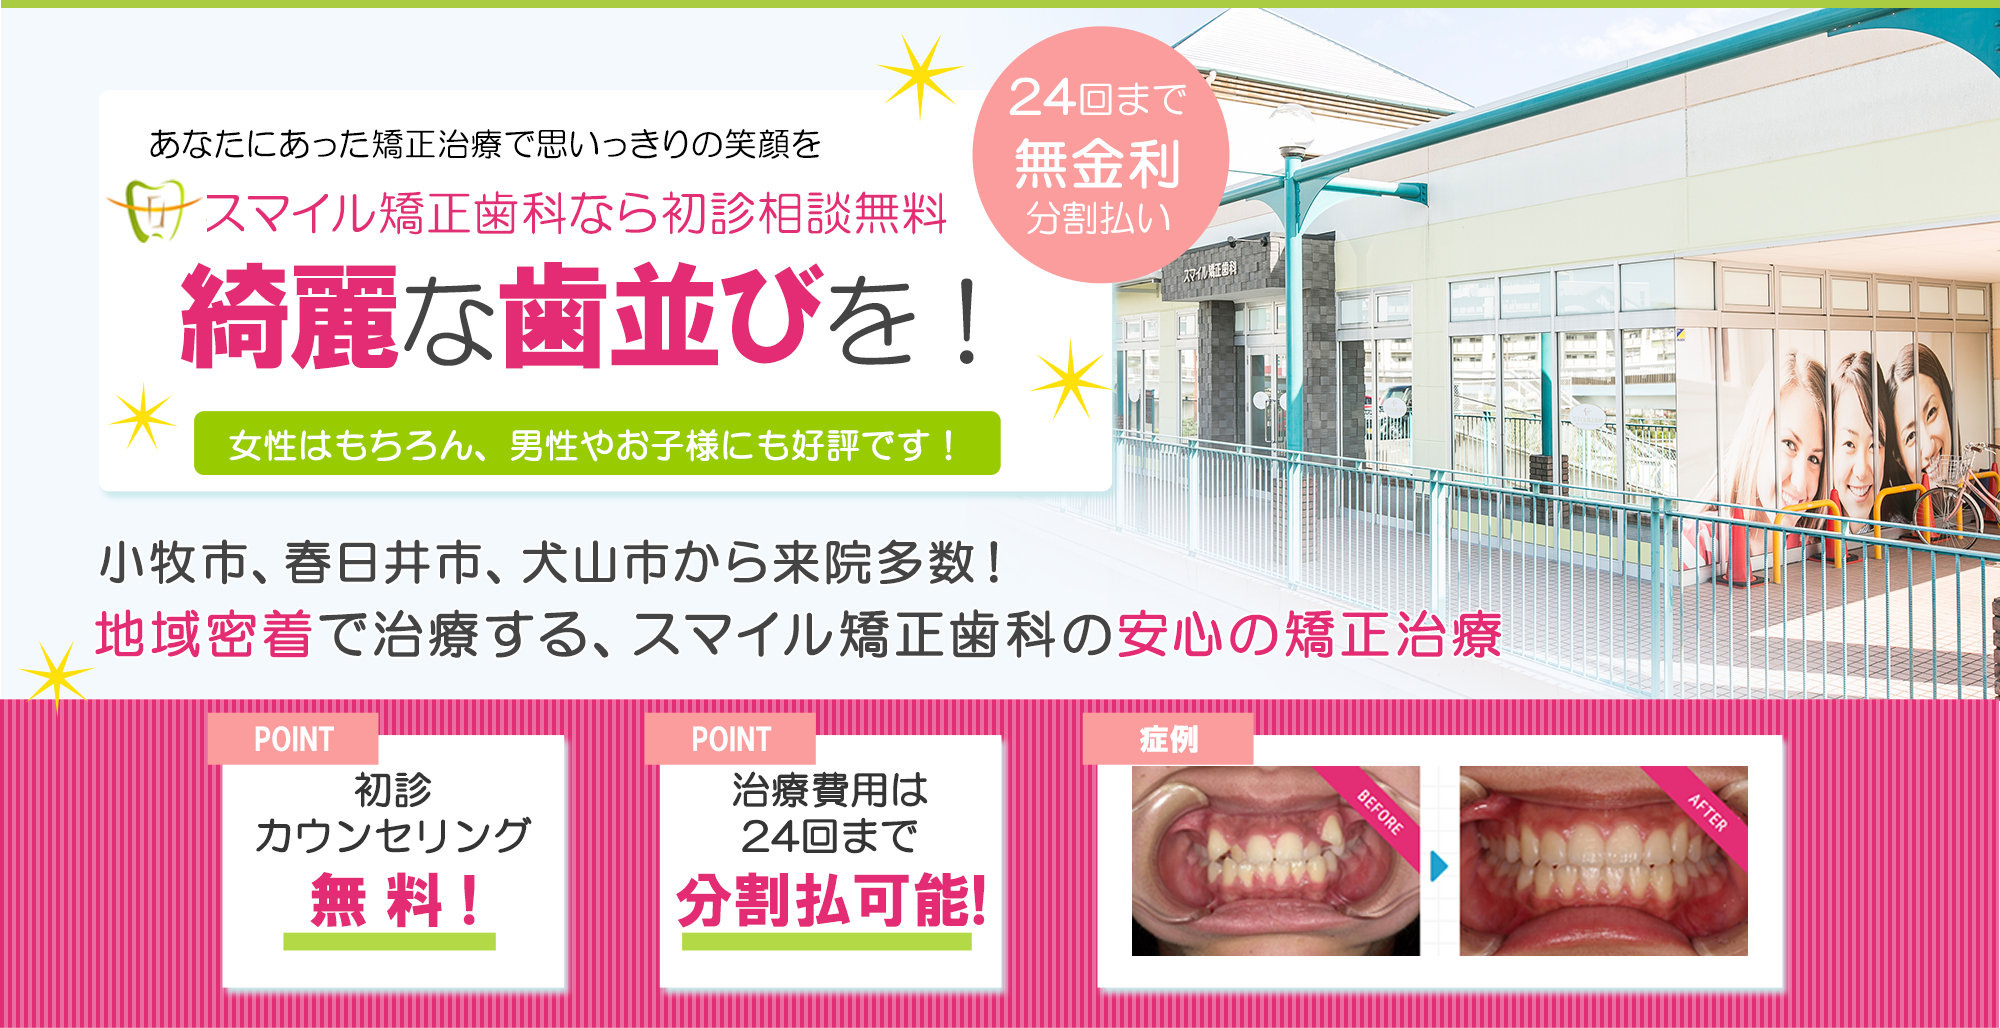 スマイル 矯正 歯科 行徳スマイル歯科|日曜日休日診療|市川市で評判な行徳駅前の歯医者